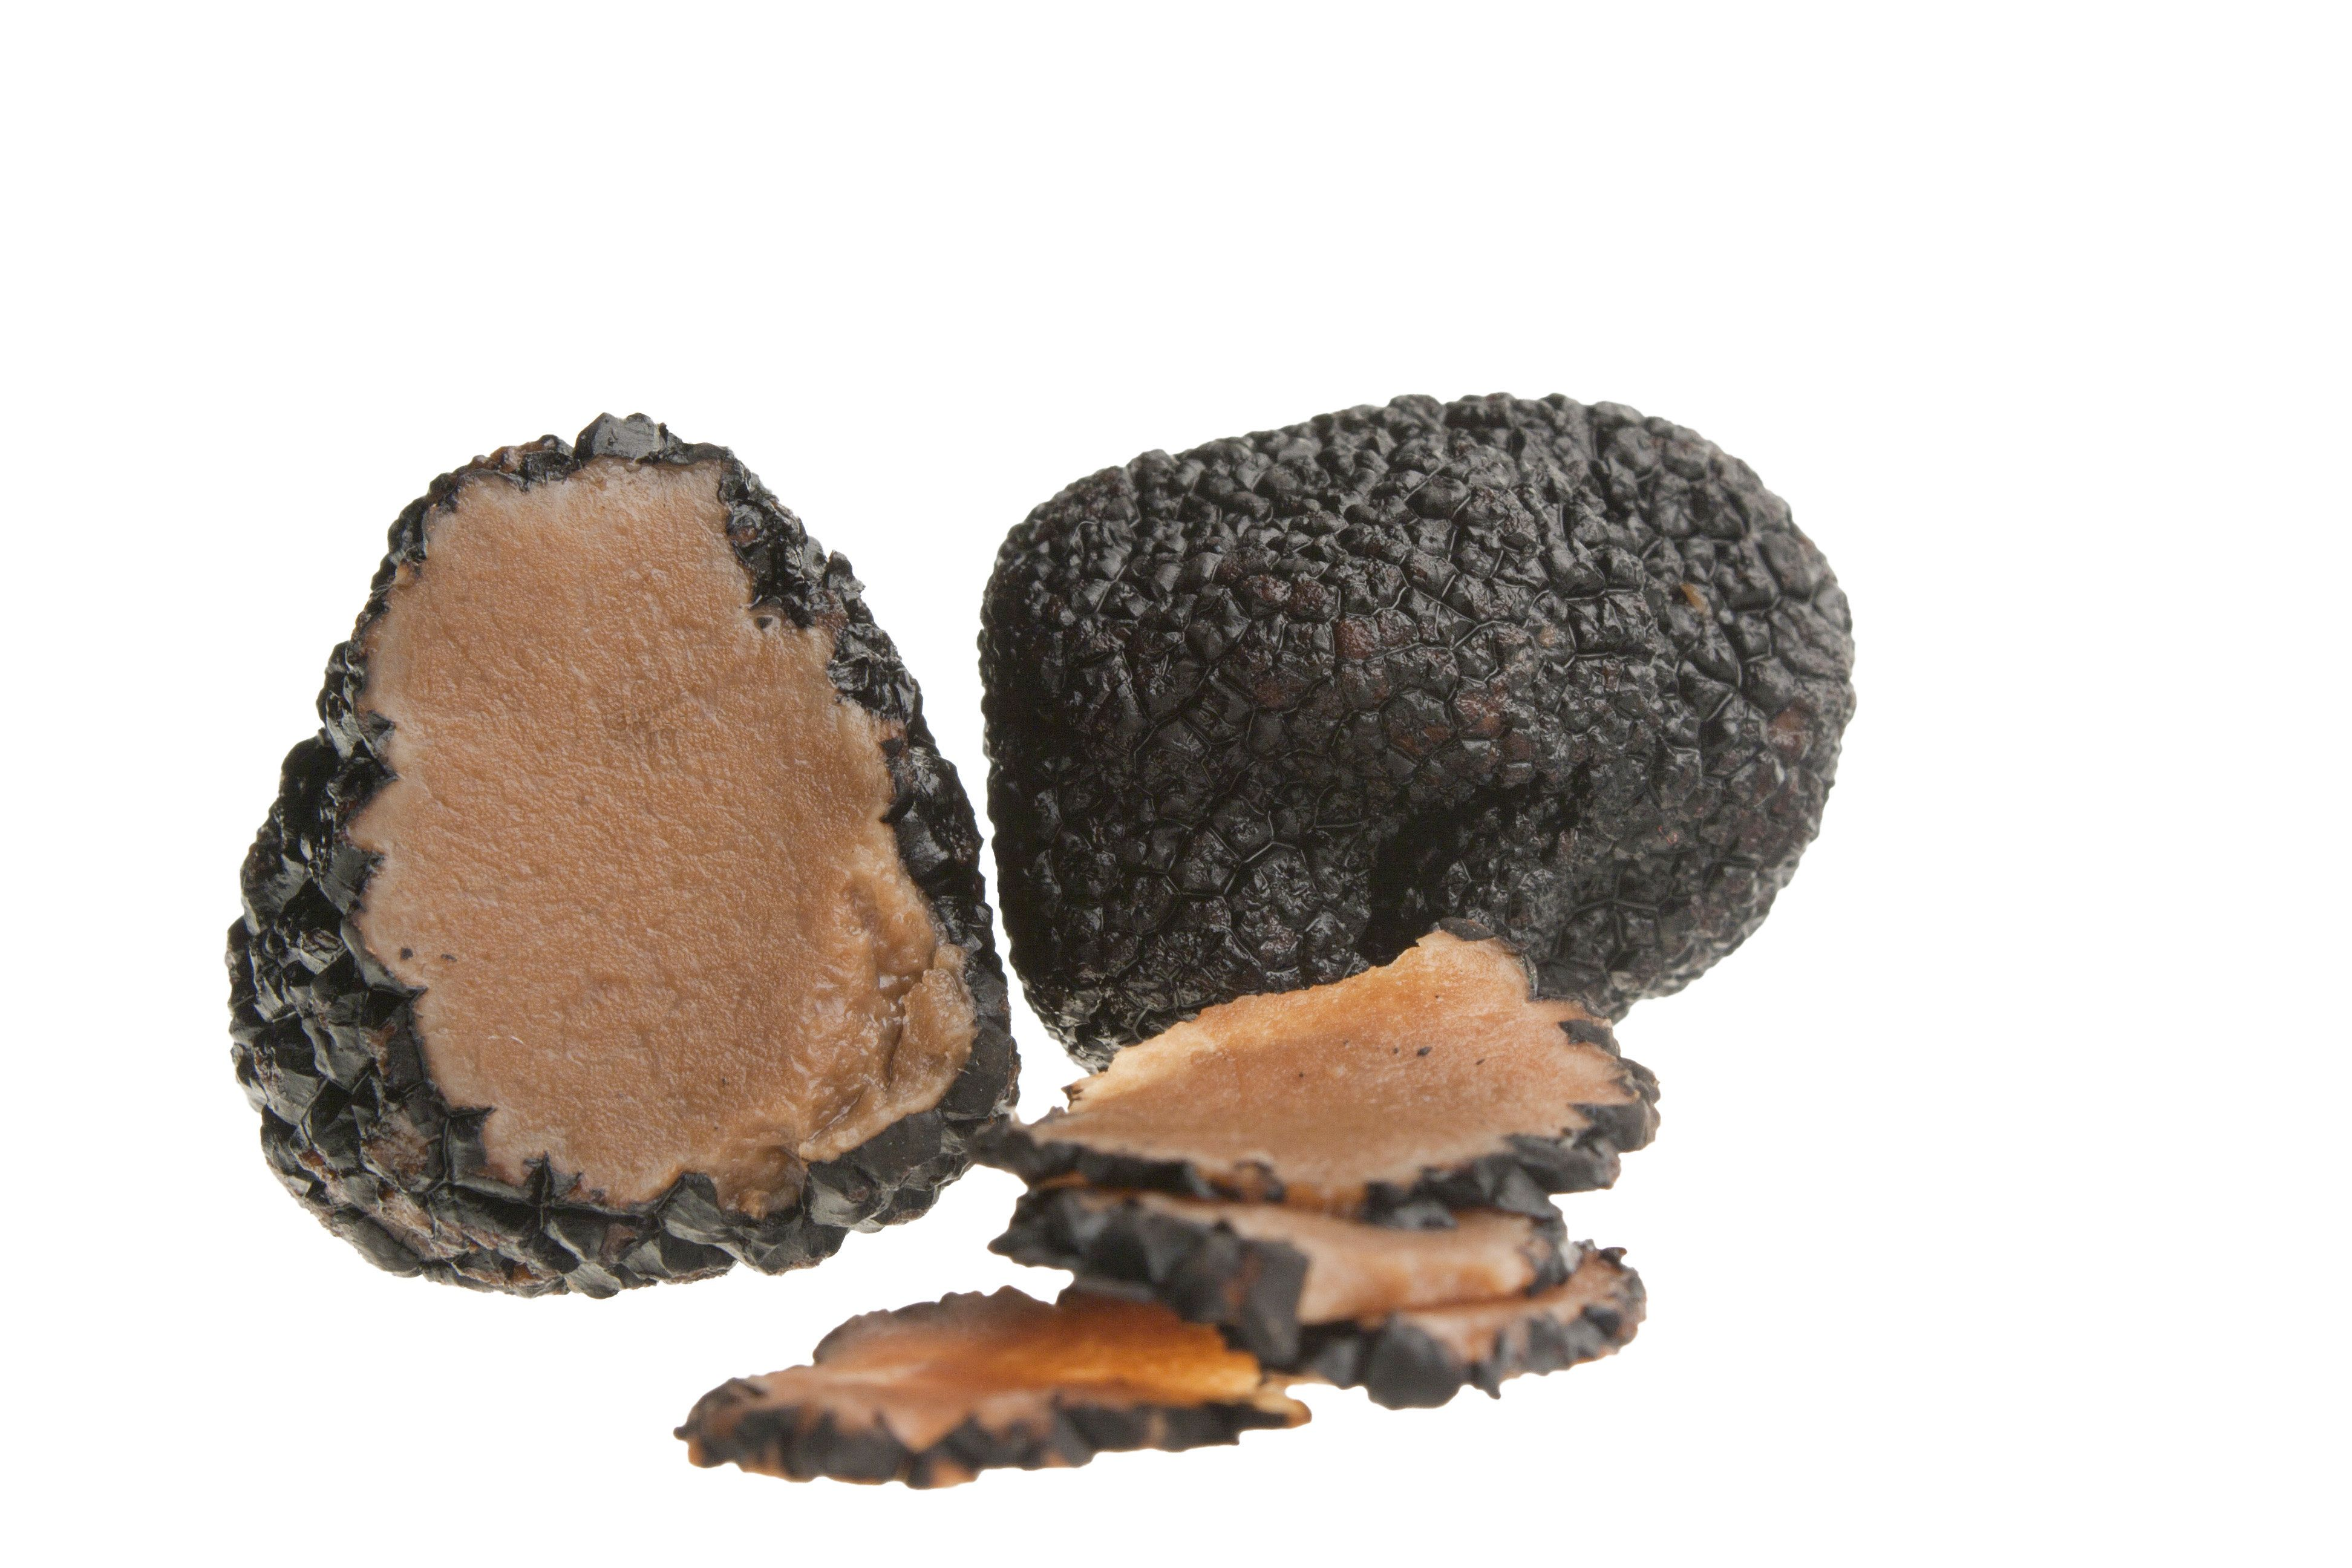 전북 임실서 송로버섯으로 추정되는 버섯이